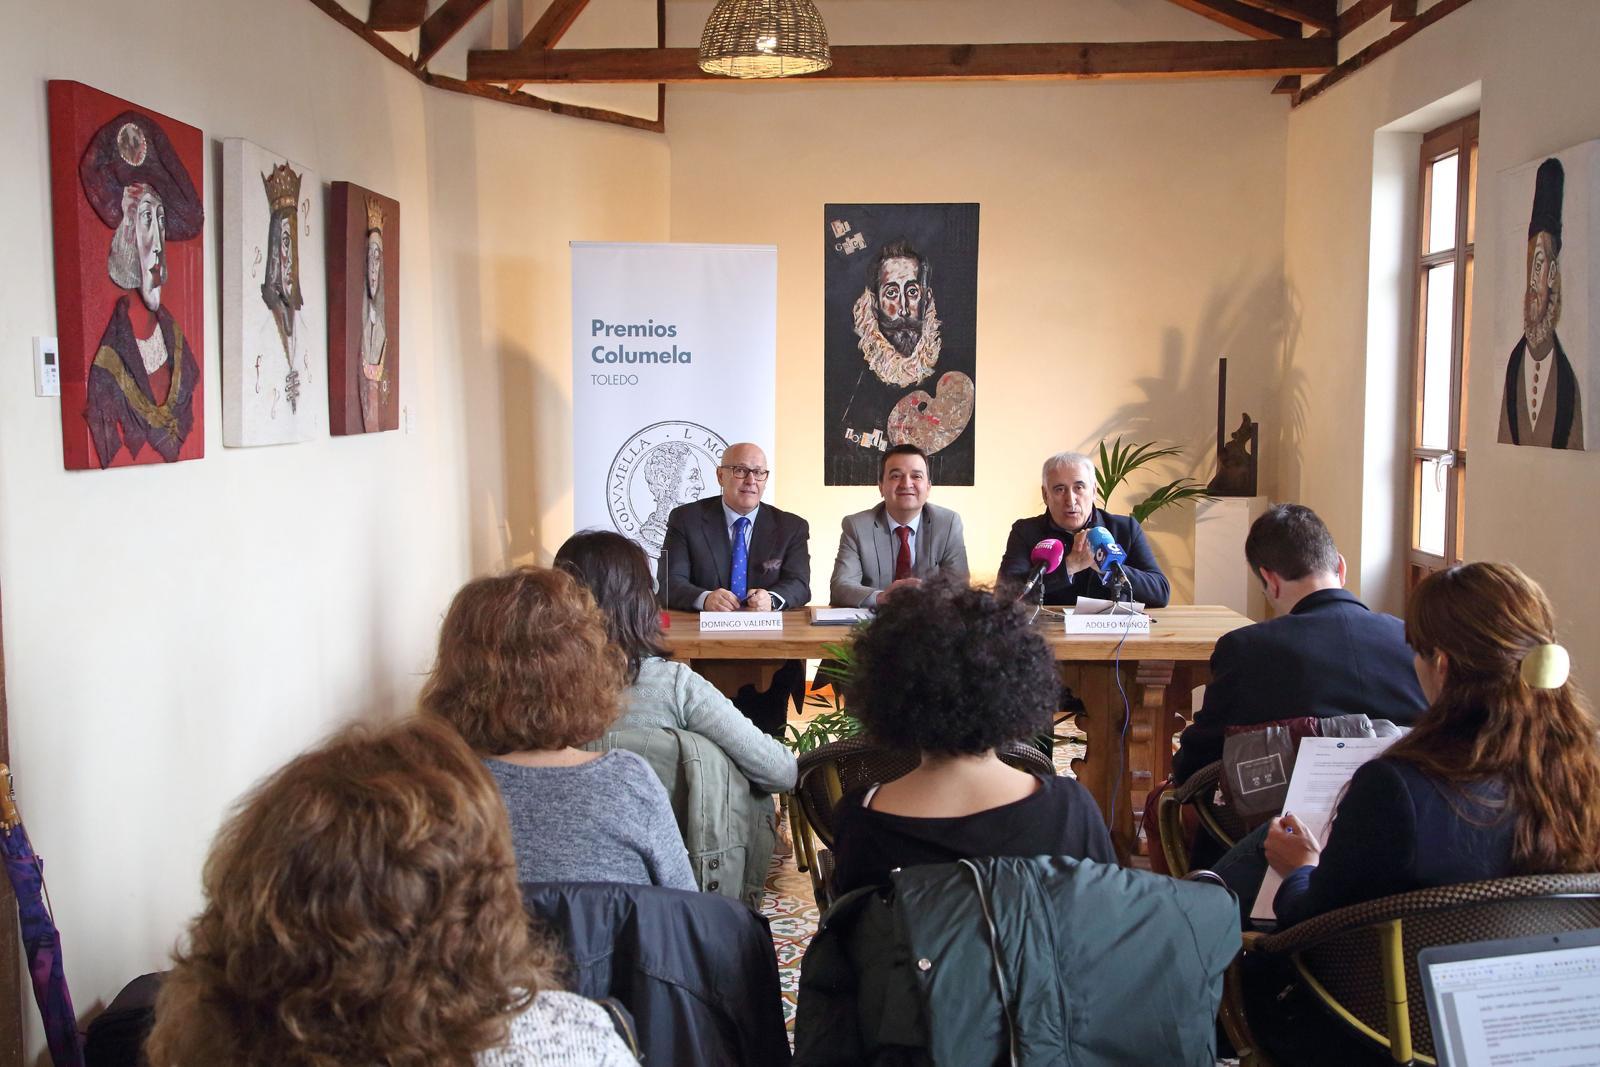 """Los Premios Columela se entregarán """"siempre"""" en Toledo con independencia de quien ocupe la Presidencia de los galardones"""